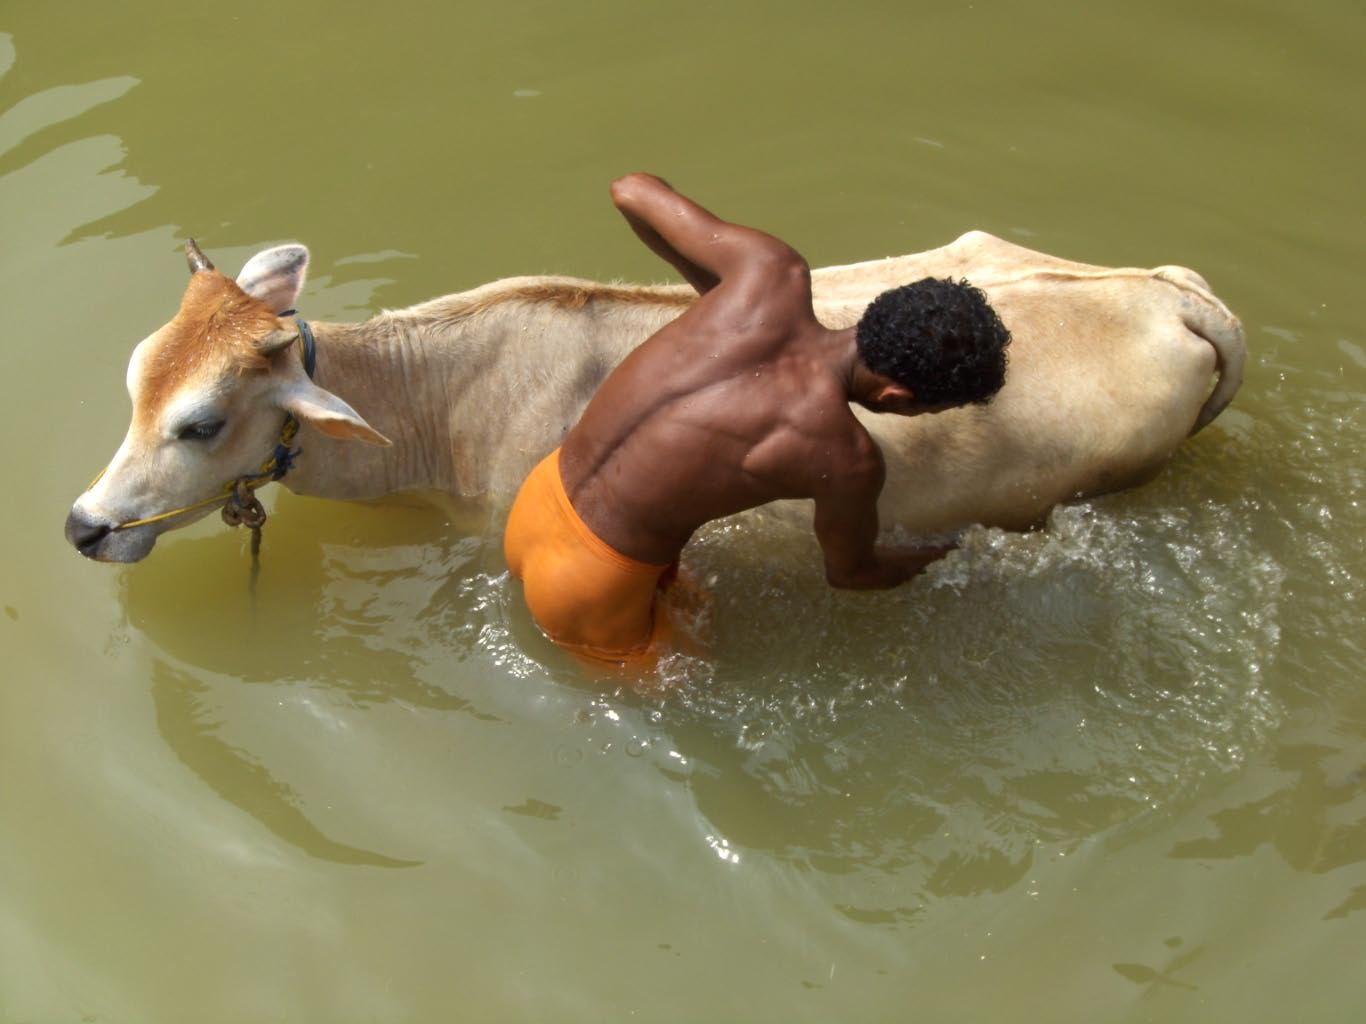 Pflege einer Kuh